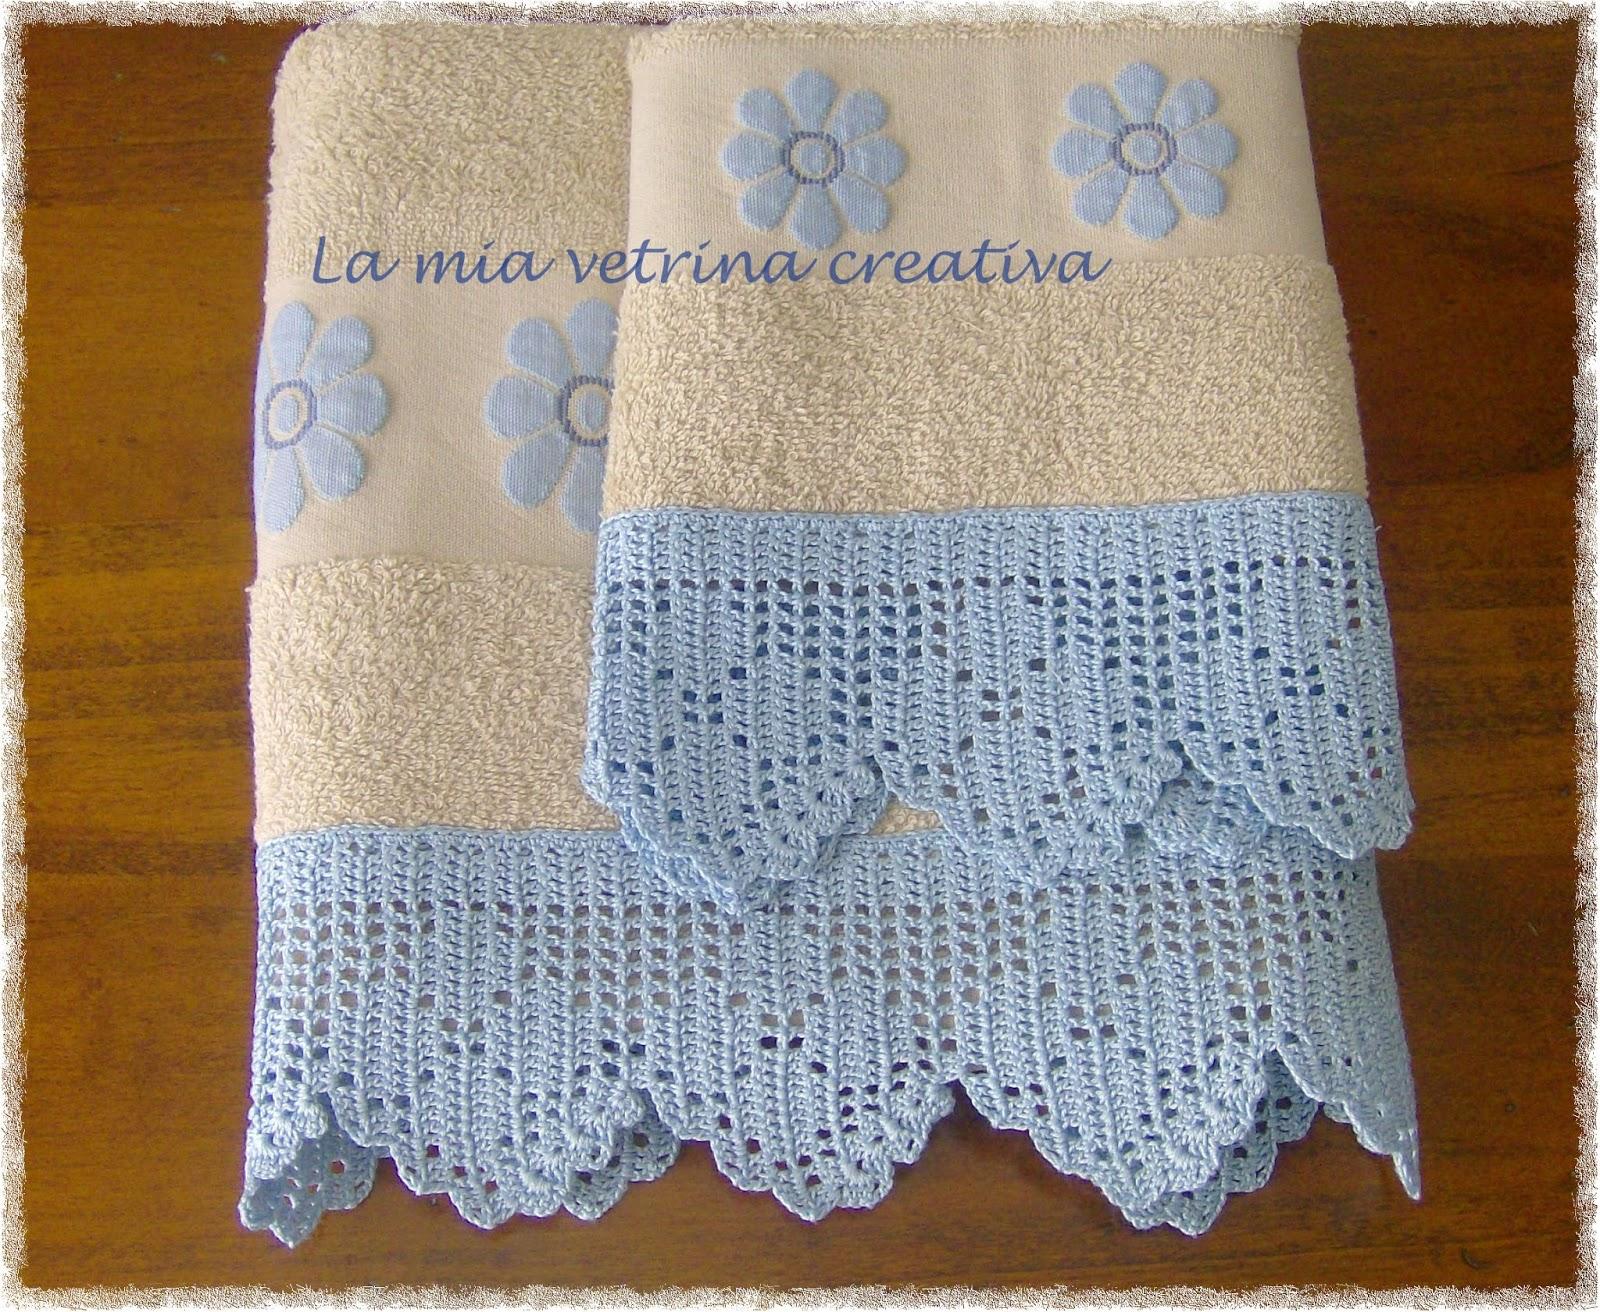 La mia vetrina creativa asciugamani con bordure a filet for Schemi bordi uncinetto per asciugamani